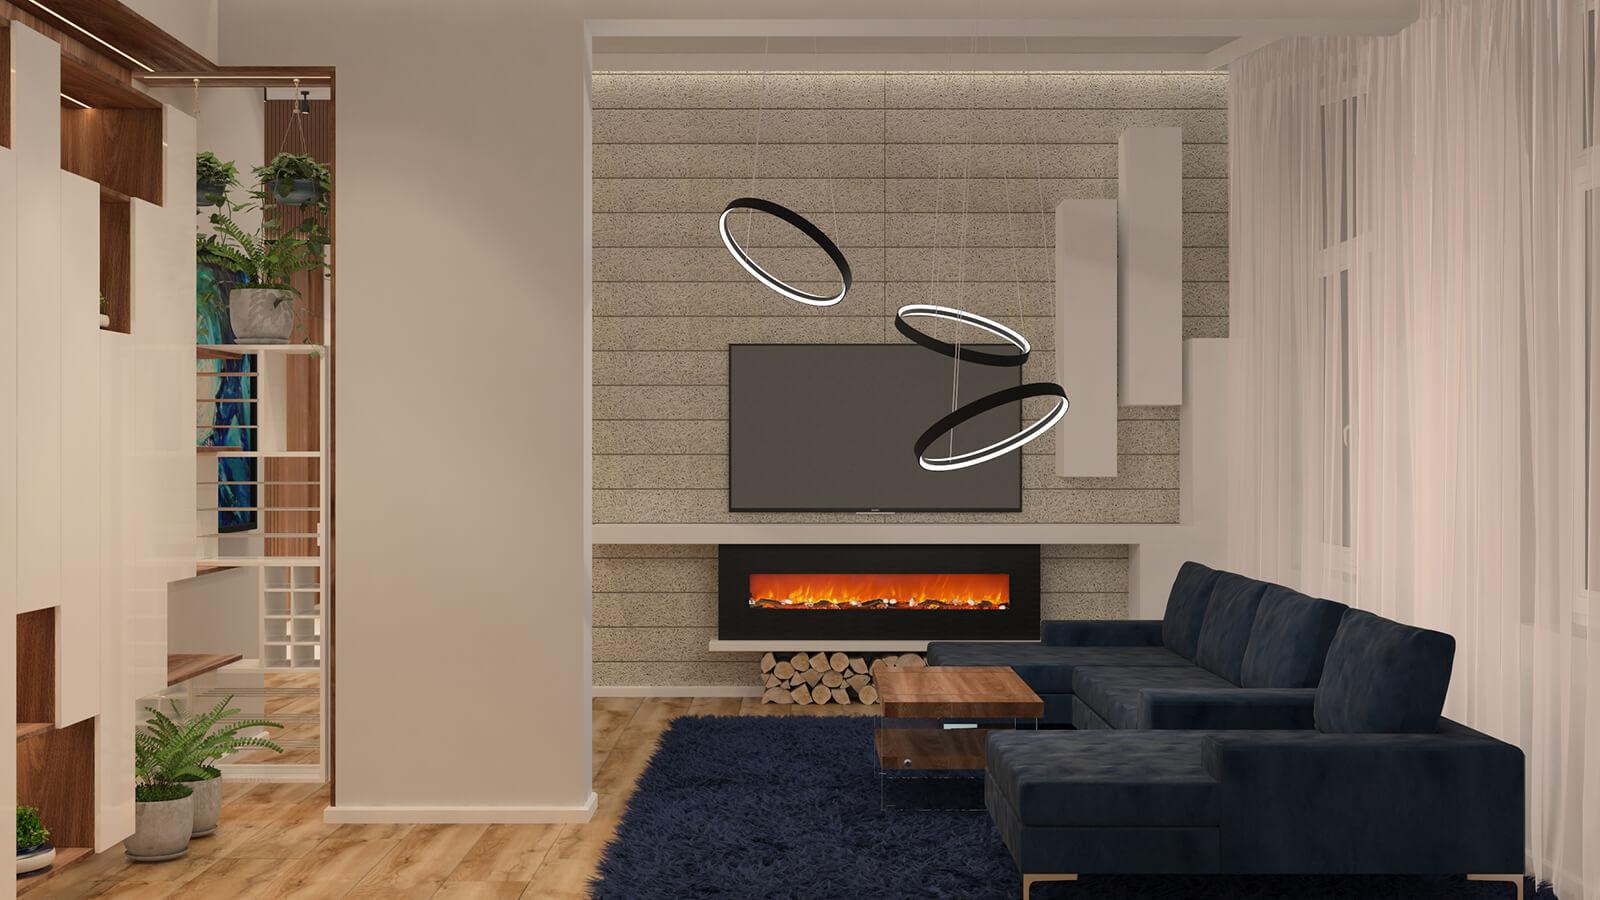 Interioren-dizain-na-vsekidnevna-esteta-interiori (2)